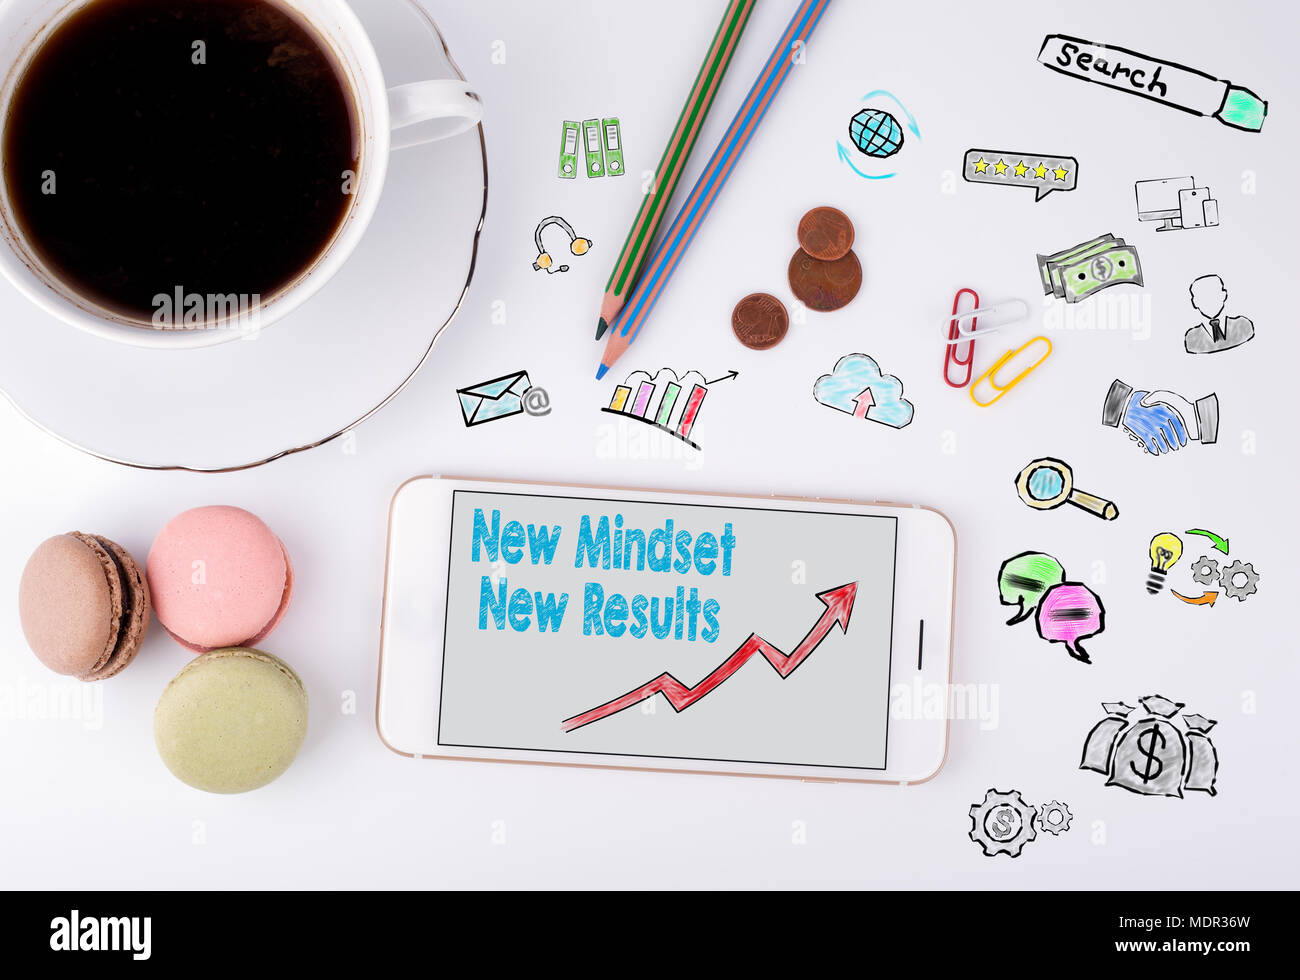 Neue denkrichtung neue Ergebnisse Konzept. Handy und Kaffee Tasse auf einem weißen Büro Schreibtisch Stockbild